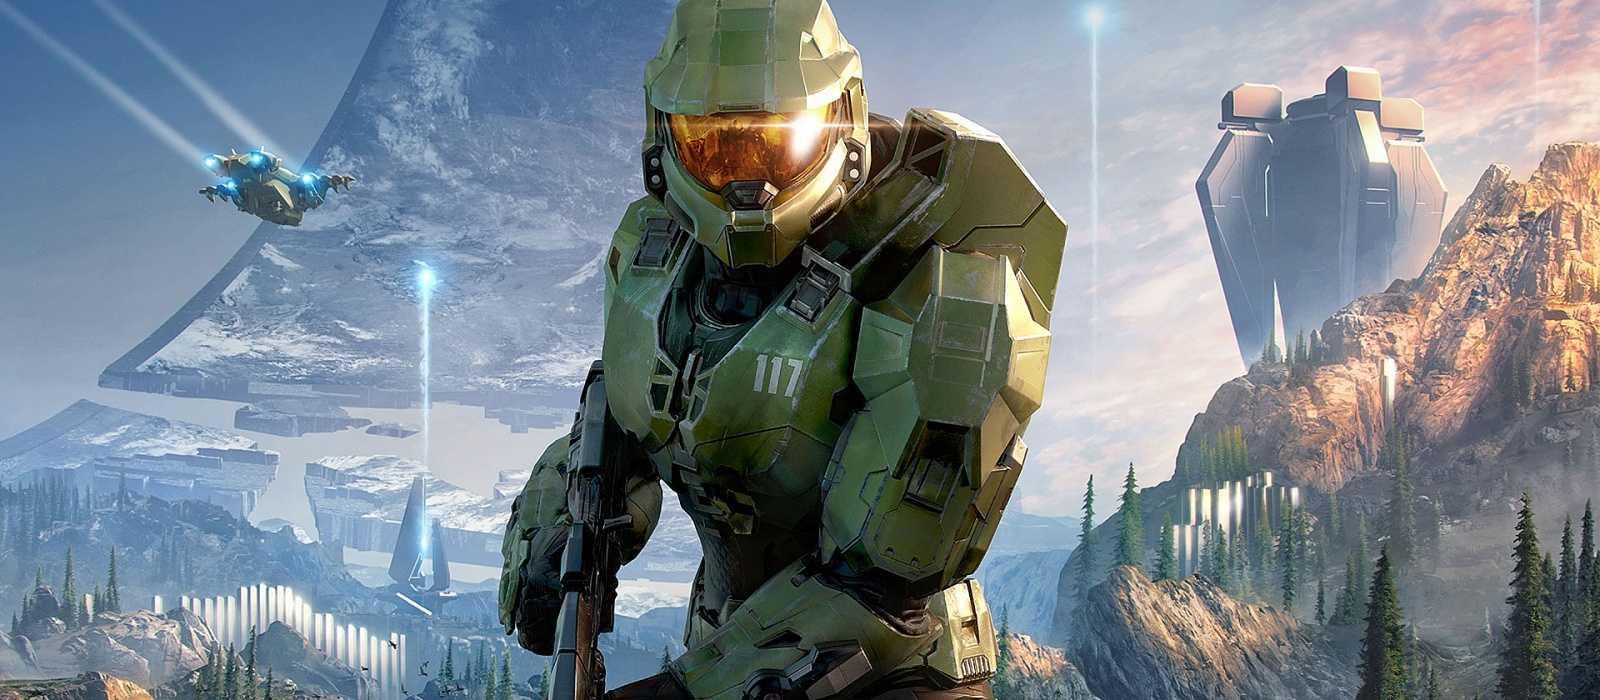 Der erste Mini-Spoiler für Halo. Der Schauspieler zeigte einen Teil des Helms des Master Chief